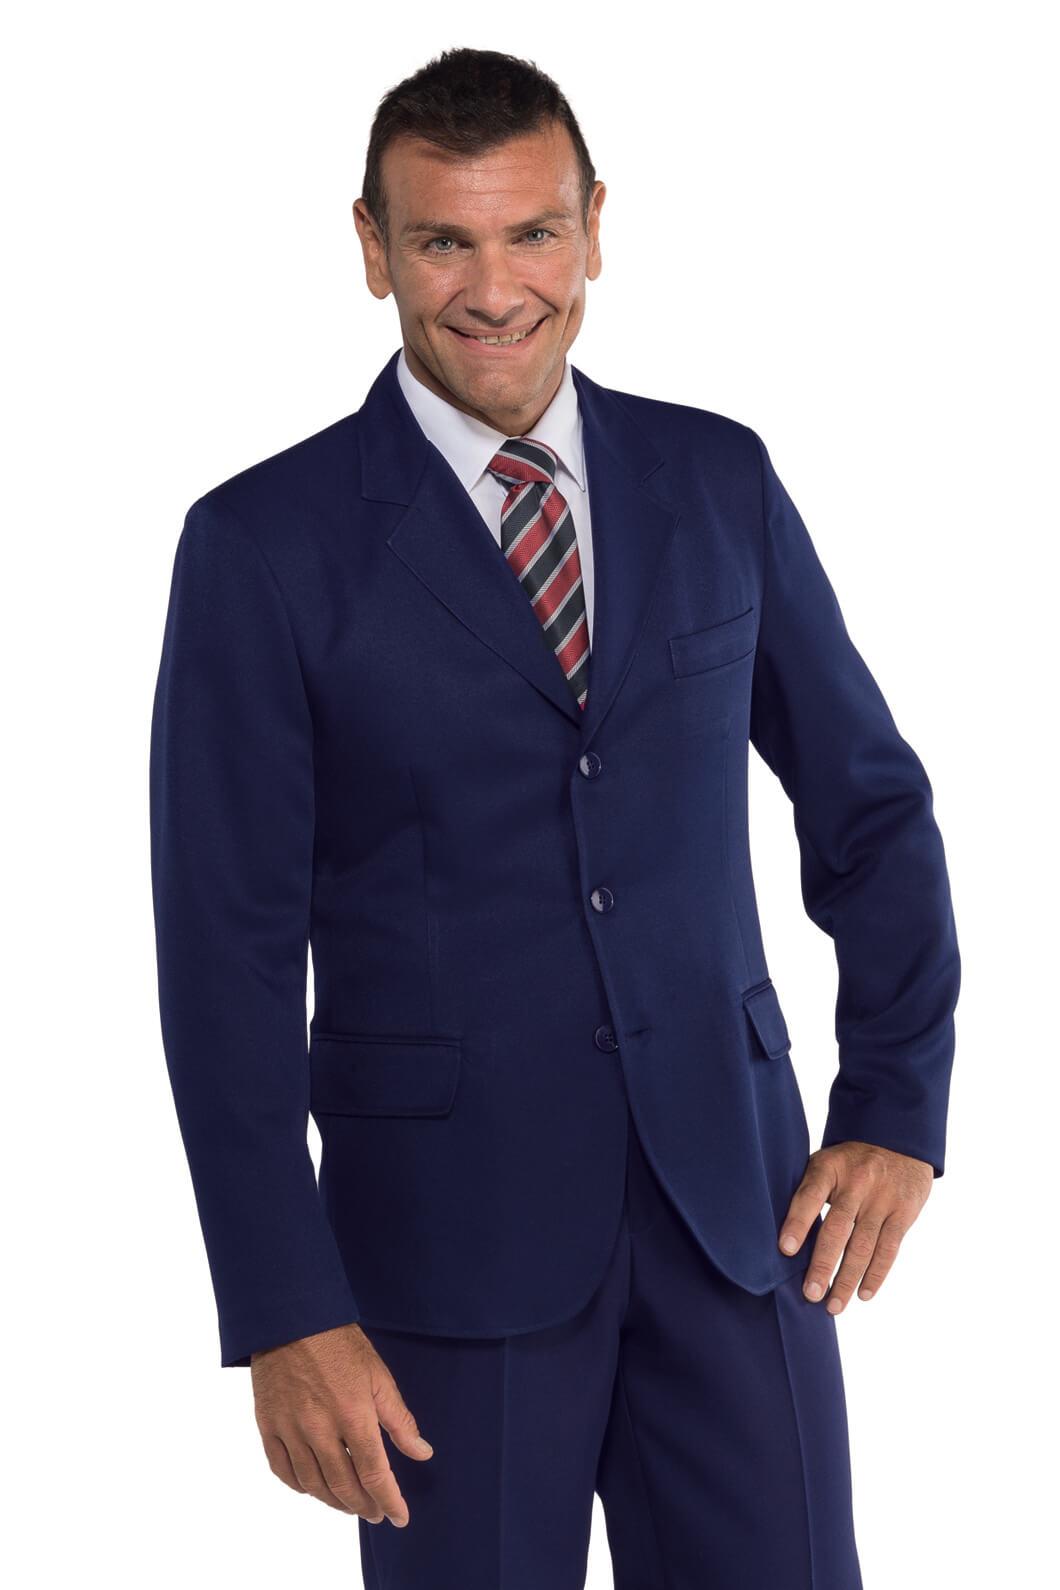 veste homme 3 boutons bleu hotellerie veste uniforme. Black Bedroom Furniture Sets. Home Design Ideas